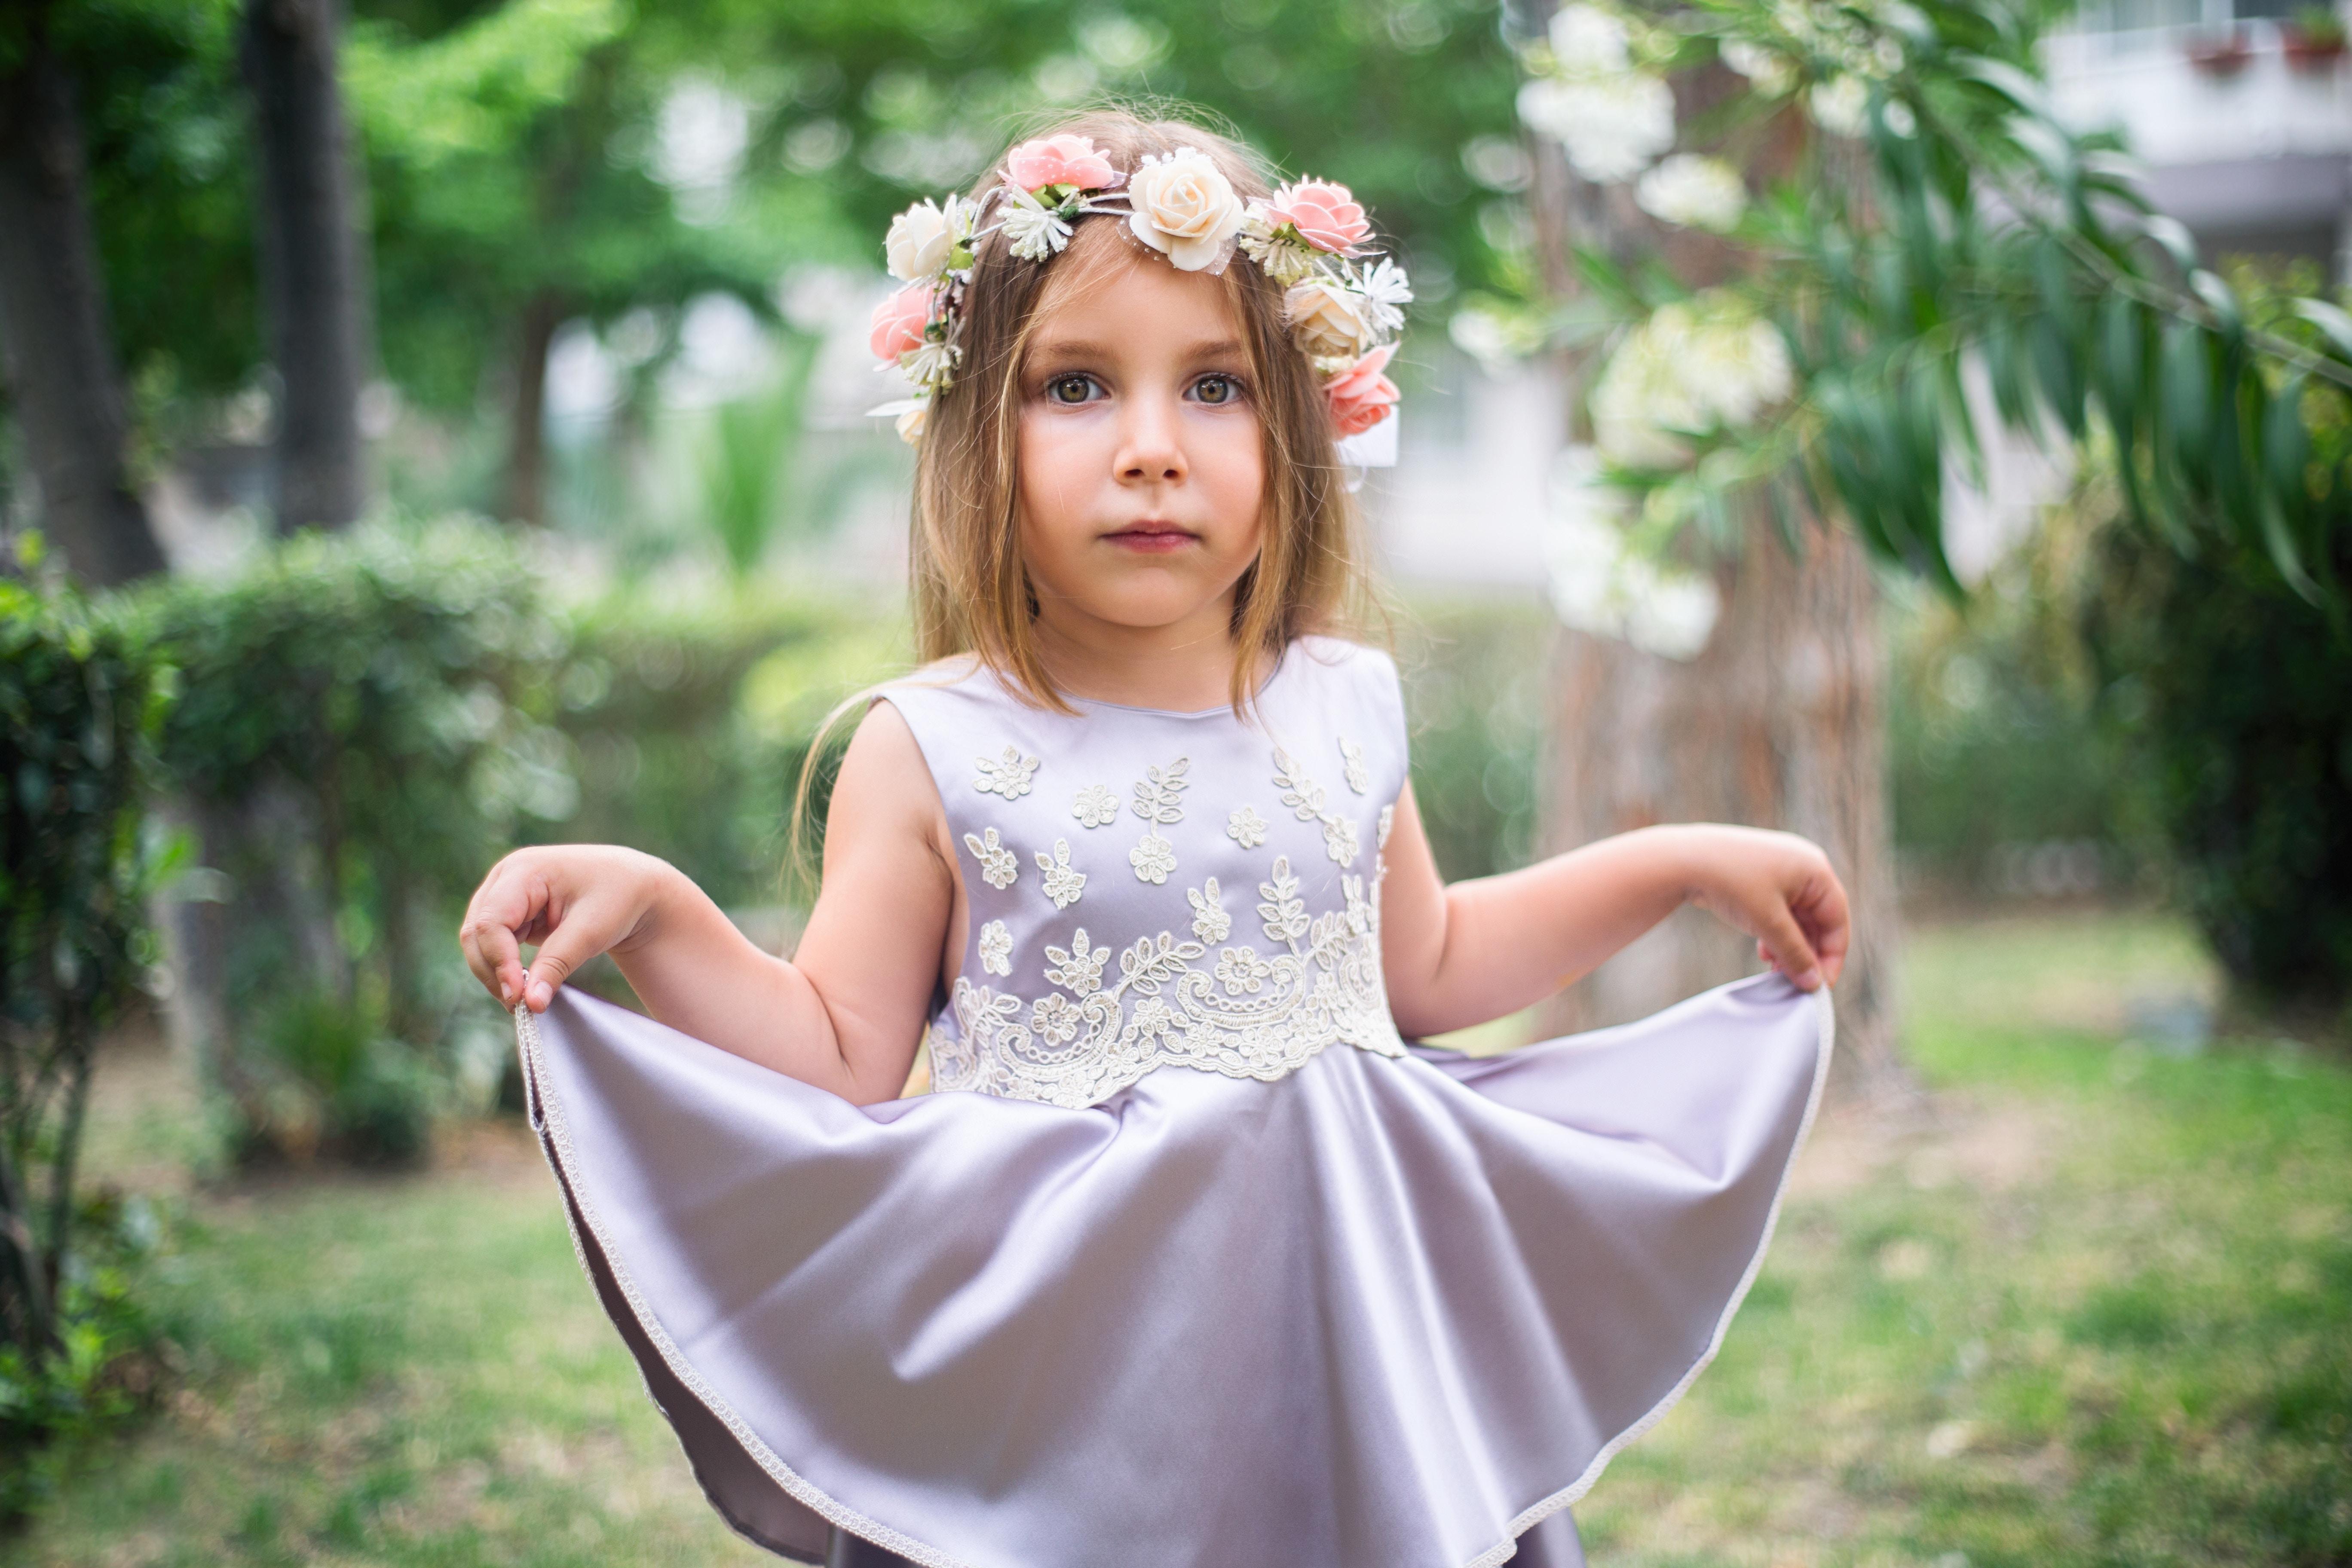 9f5dc9318 persona niña mujer fotografía flor retrato niño ropa novia vestir niñito  fotografía belleza vestido Sesión de